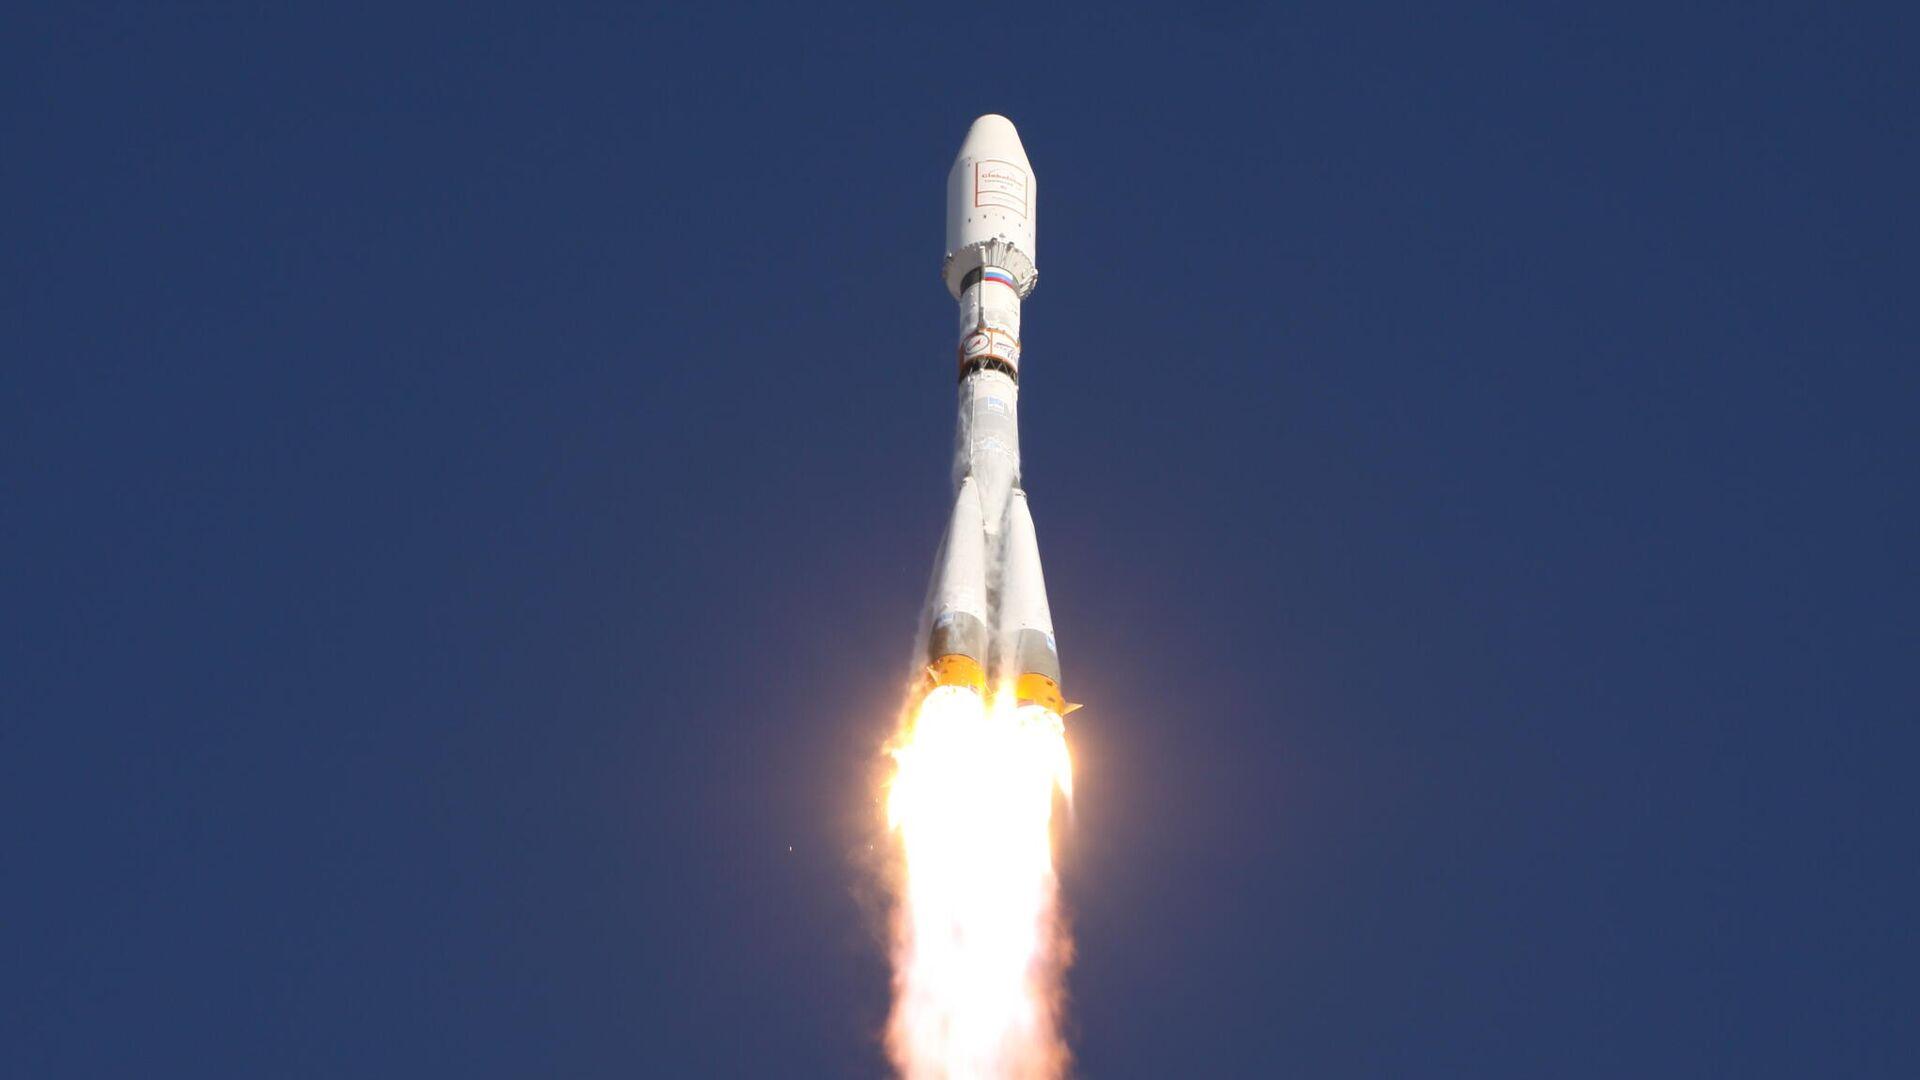 Пуск ракеты Союз-2.1а с разгонным блоком Фрегат. Июль 2011 - РИА Новости, 1920, 04.03.2021